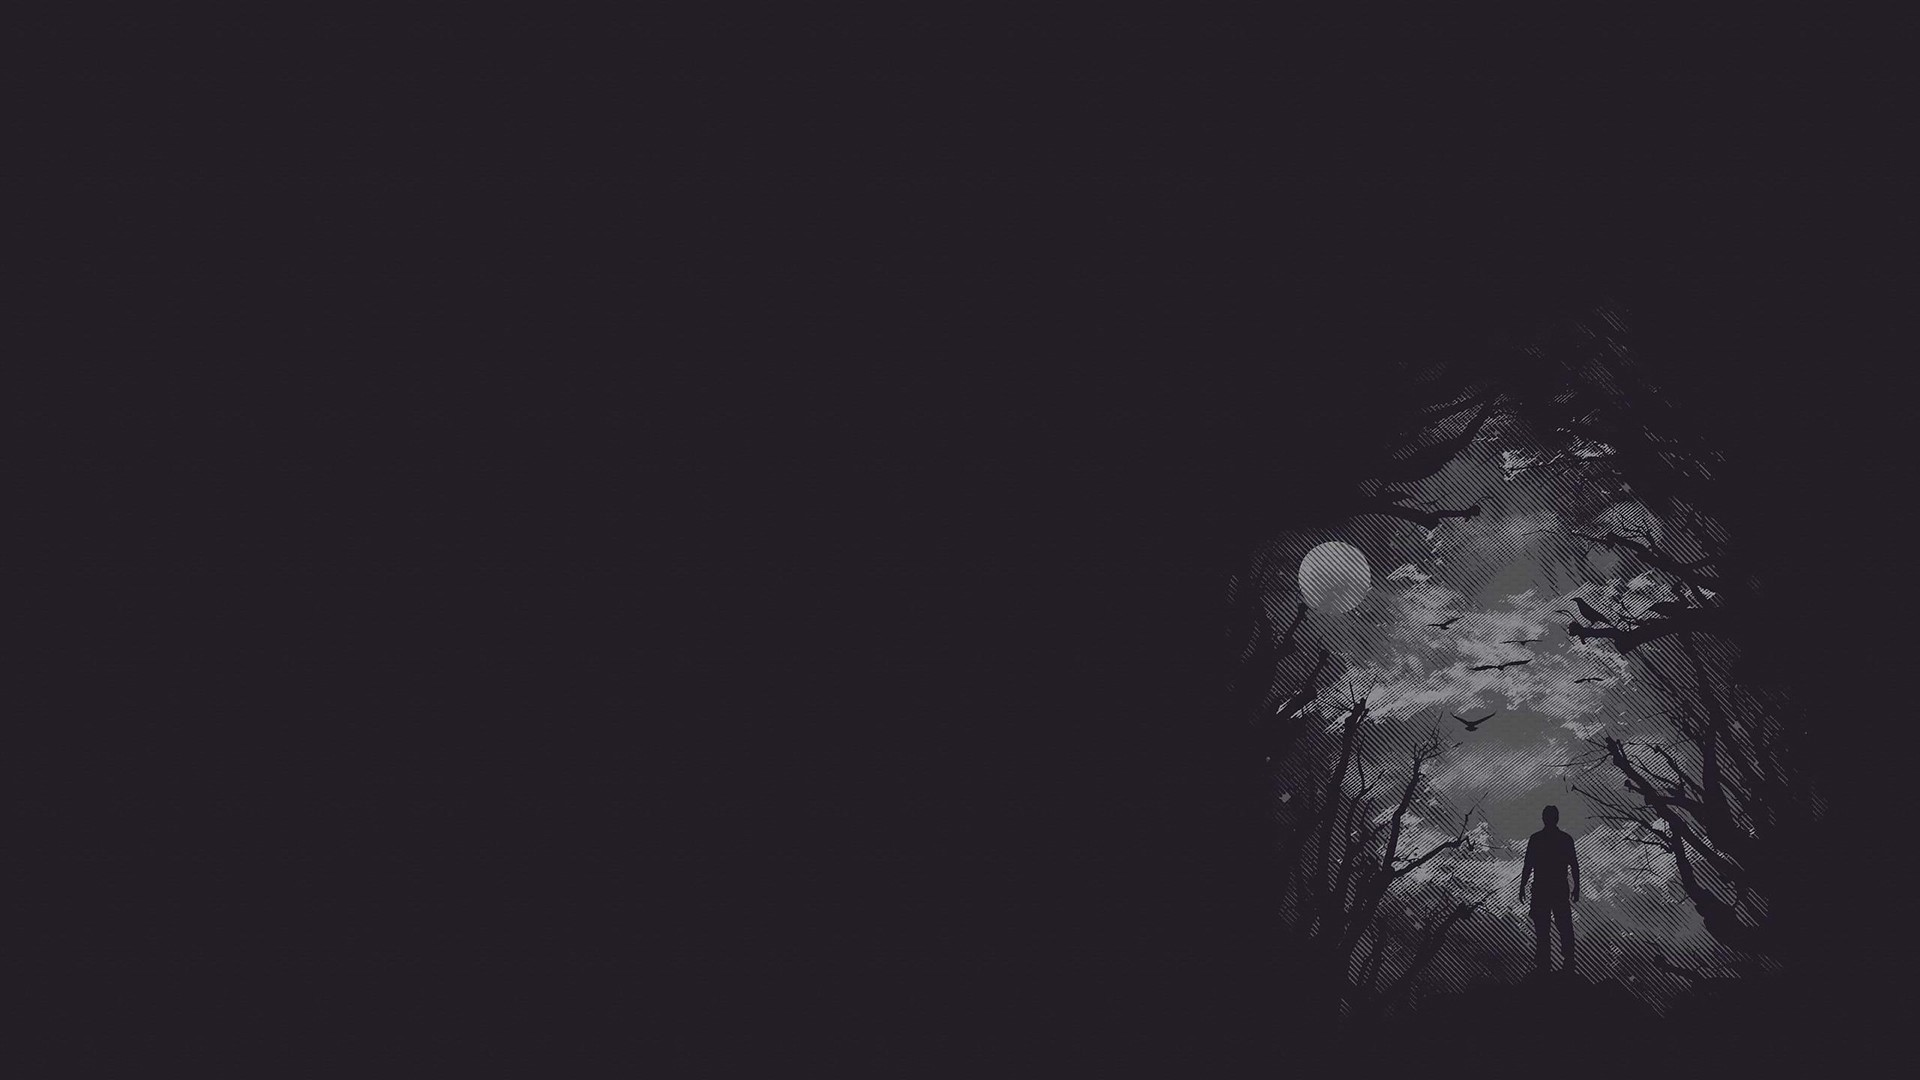 Dark Minimalist Background Wallpaper